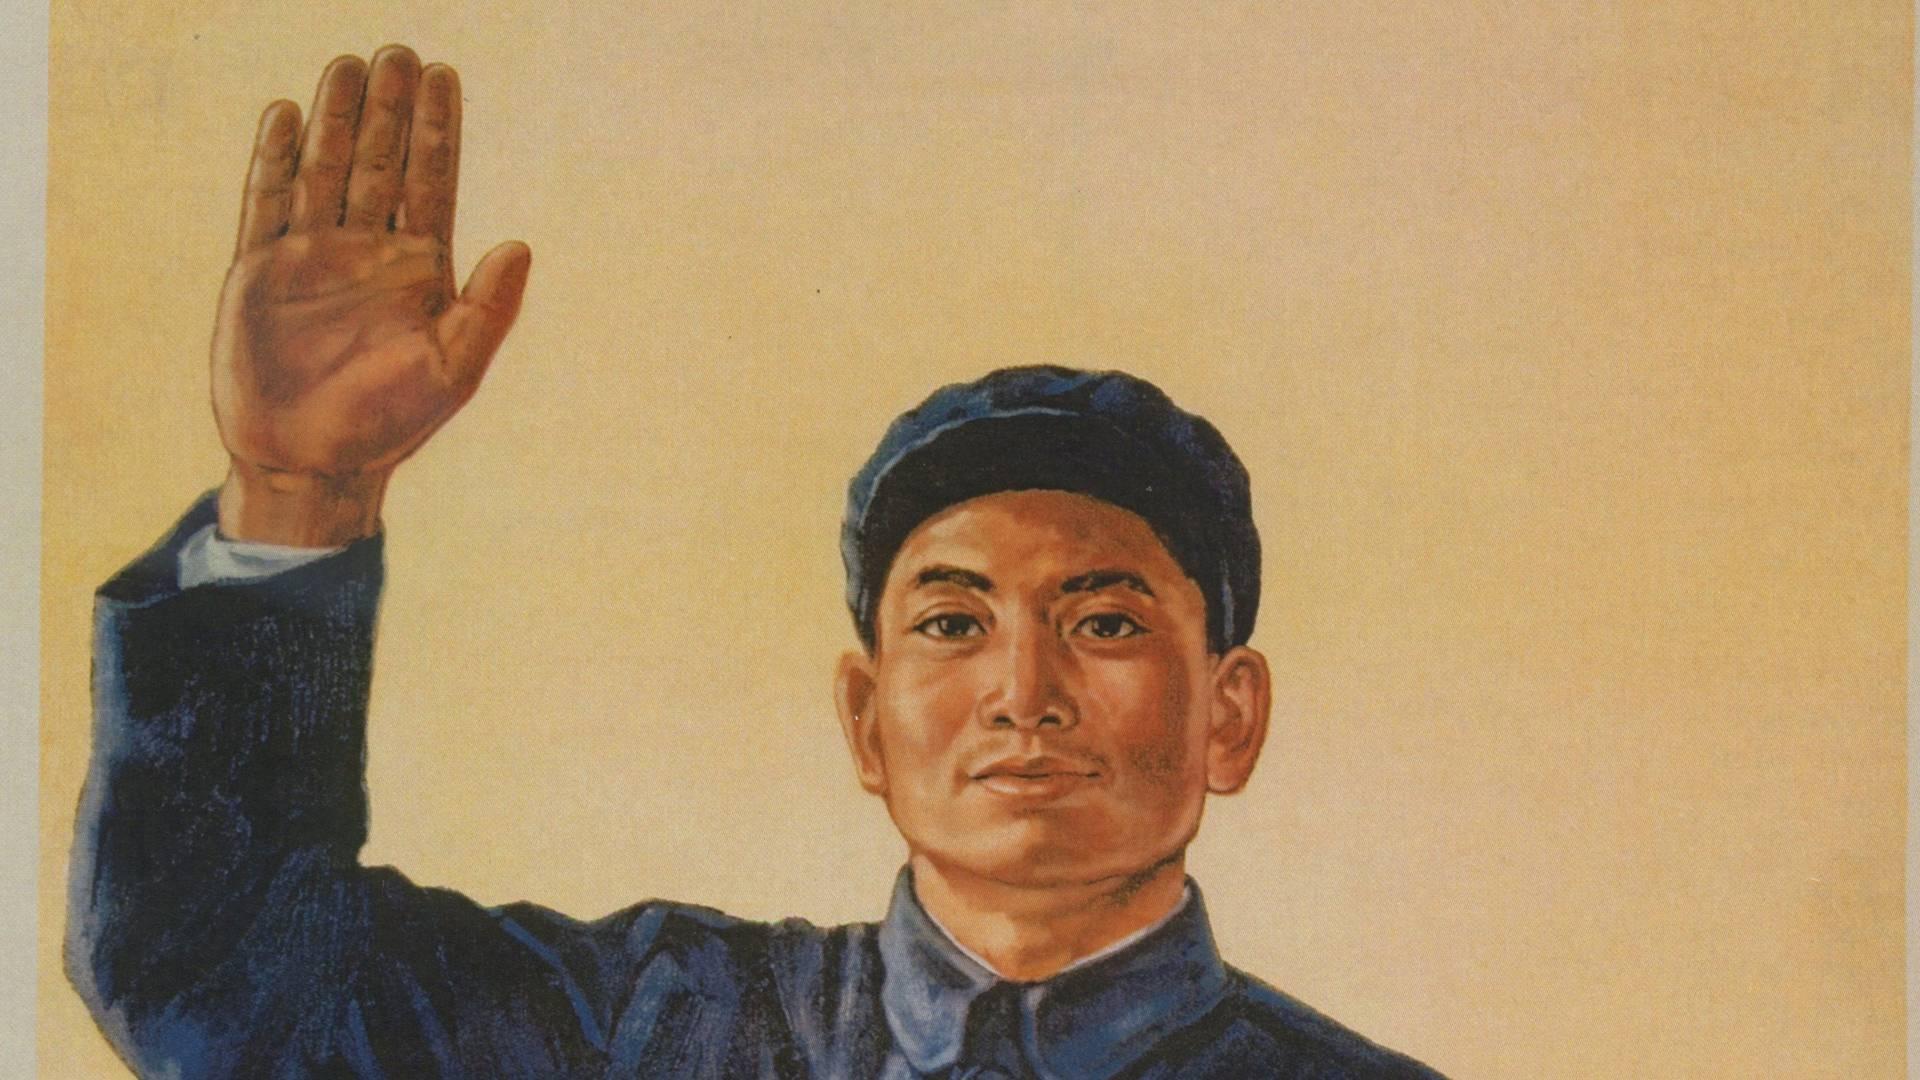 Китай намерен создать лучшую в мире систему профтехобразования к 2035 году